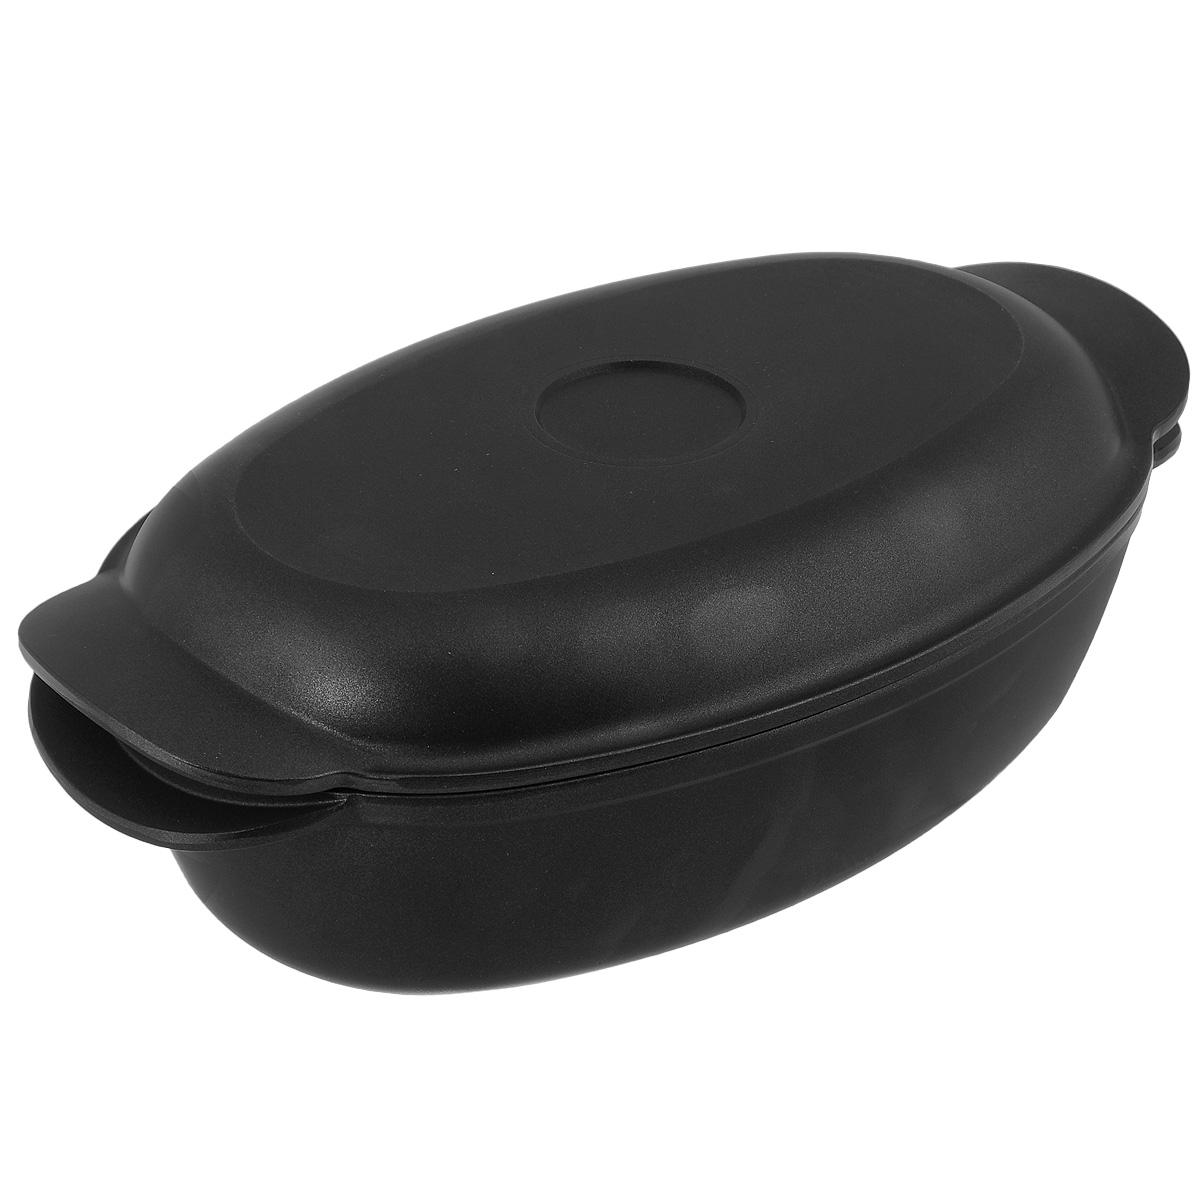 Утятница литая Нева посуда, с крышкой-сковородой, с антипригарным покрытием, цвет: черный, 3 л6730Утятница Нева посуда изготовлена из литого алюминия с антипригарным покрытием. Утятница отличается многофункциональностью. Благодаря особой конструкции корпуса в ней замечательно готовить томленые блюда. Крышку утятницы можно использовать как сковороду. Преимущества утятницы Нева посуда: - равномерно нагревается, долго удерживает тепло, создавая эффект томления, как в чугунной посуде; - сохраняет вкусовые качества и полезные свойства продуктов; - не подвержена деформации; - легко моется; - антипригарное покрытие на водной основе позволяет готовить с минимальным количеством масла. Подходит для газовой, электрической и стеклокерамической плитам, для духового шкафа. Можно мыть в посудомоечной машине. Объем: 3 литра. Размер утятницы: 31 см х 20 см. Высота стенки: 8,5 см. Размер крышки: 30 см х 19 см. Высота стенки: 3 см.